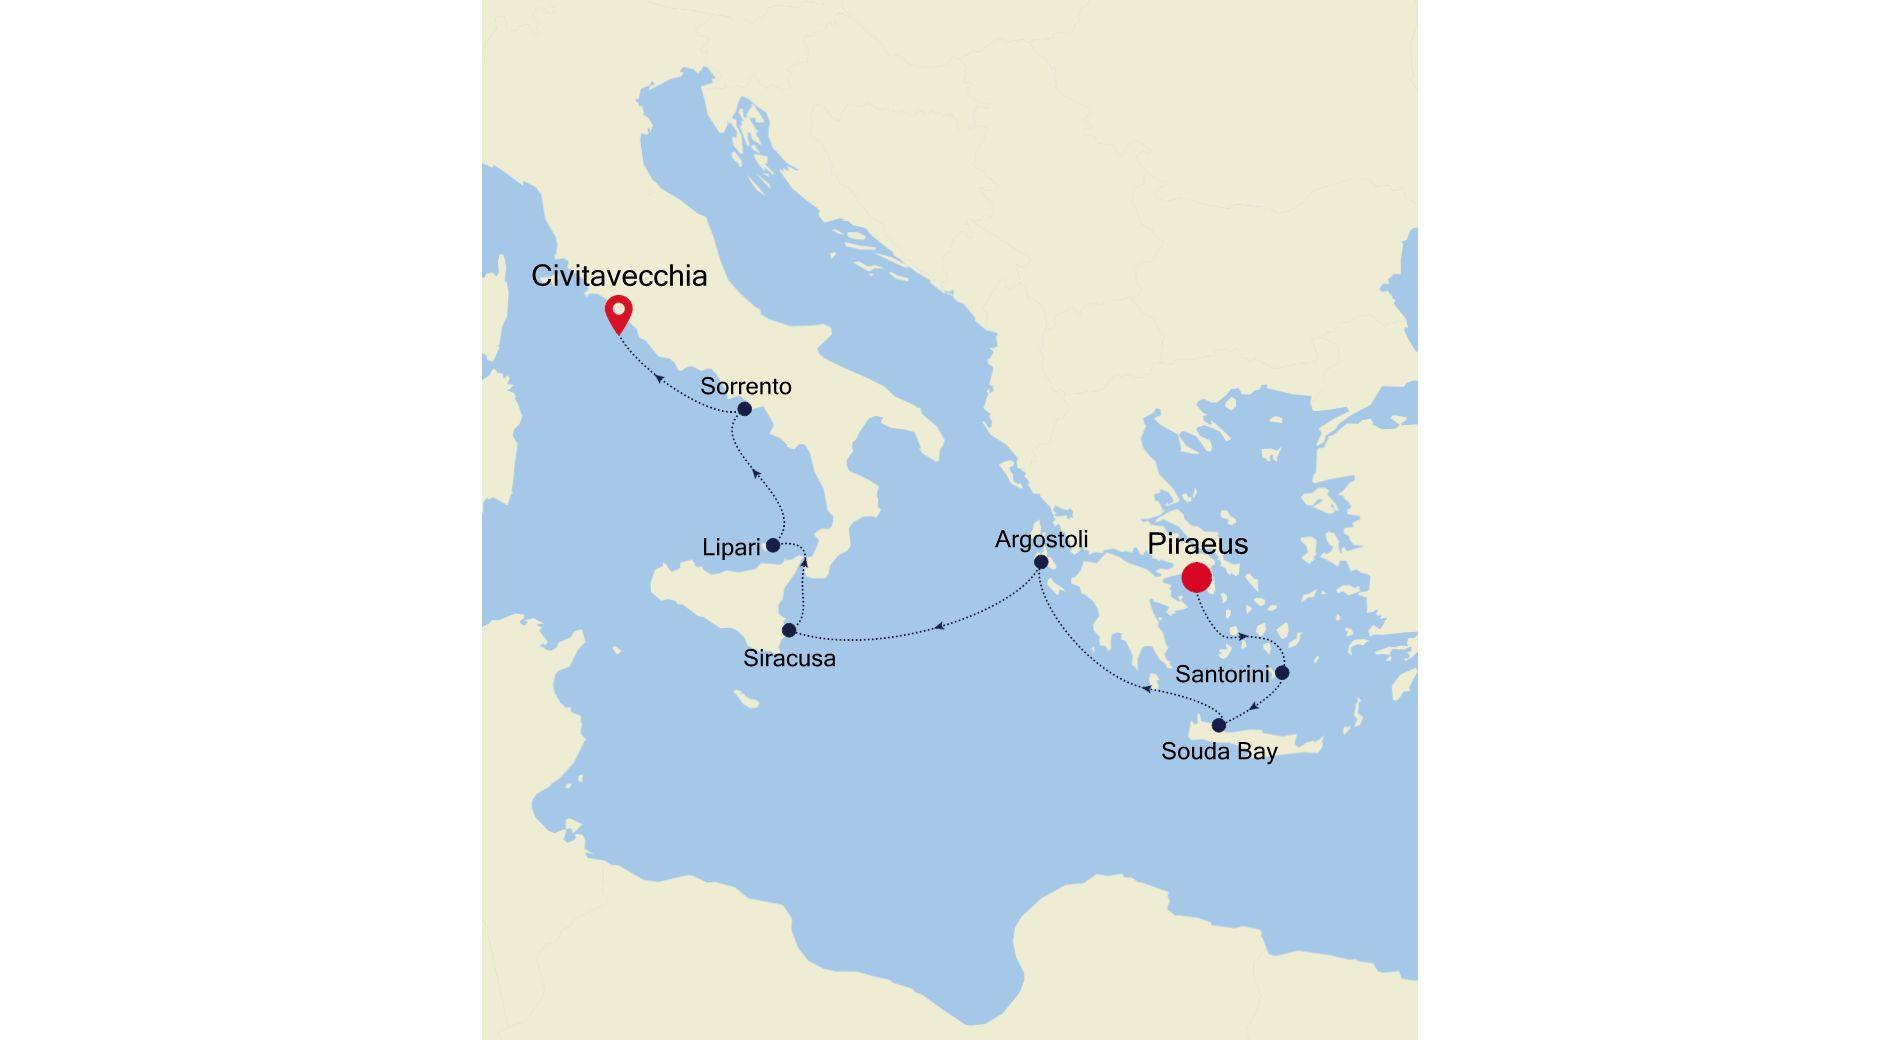 SS210720007 - Piraeus nach Civitavecchia